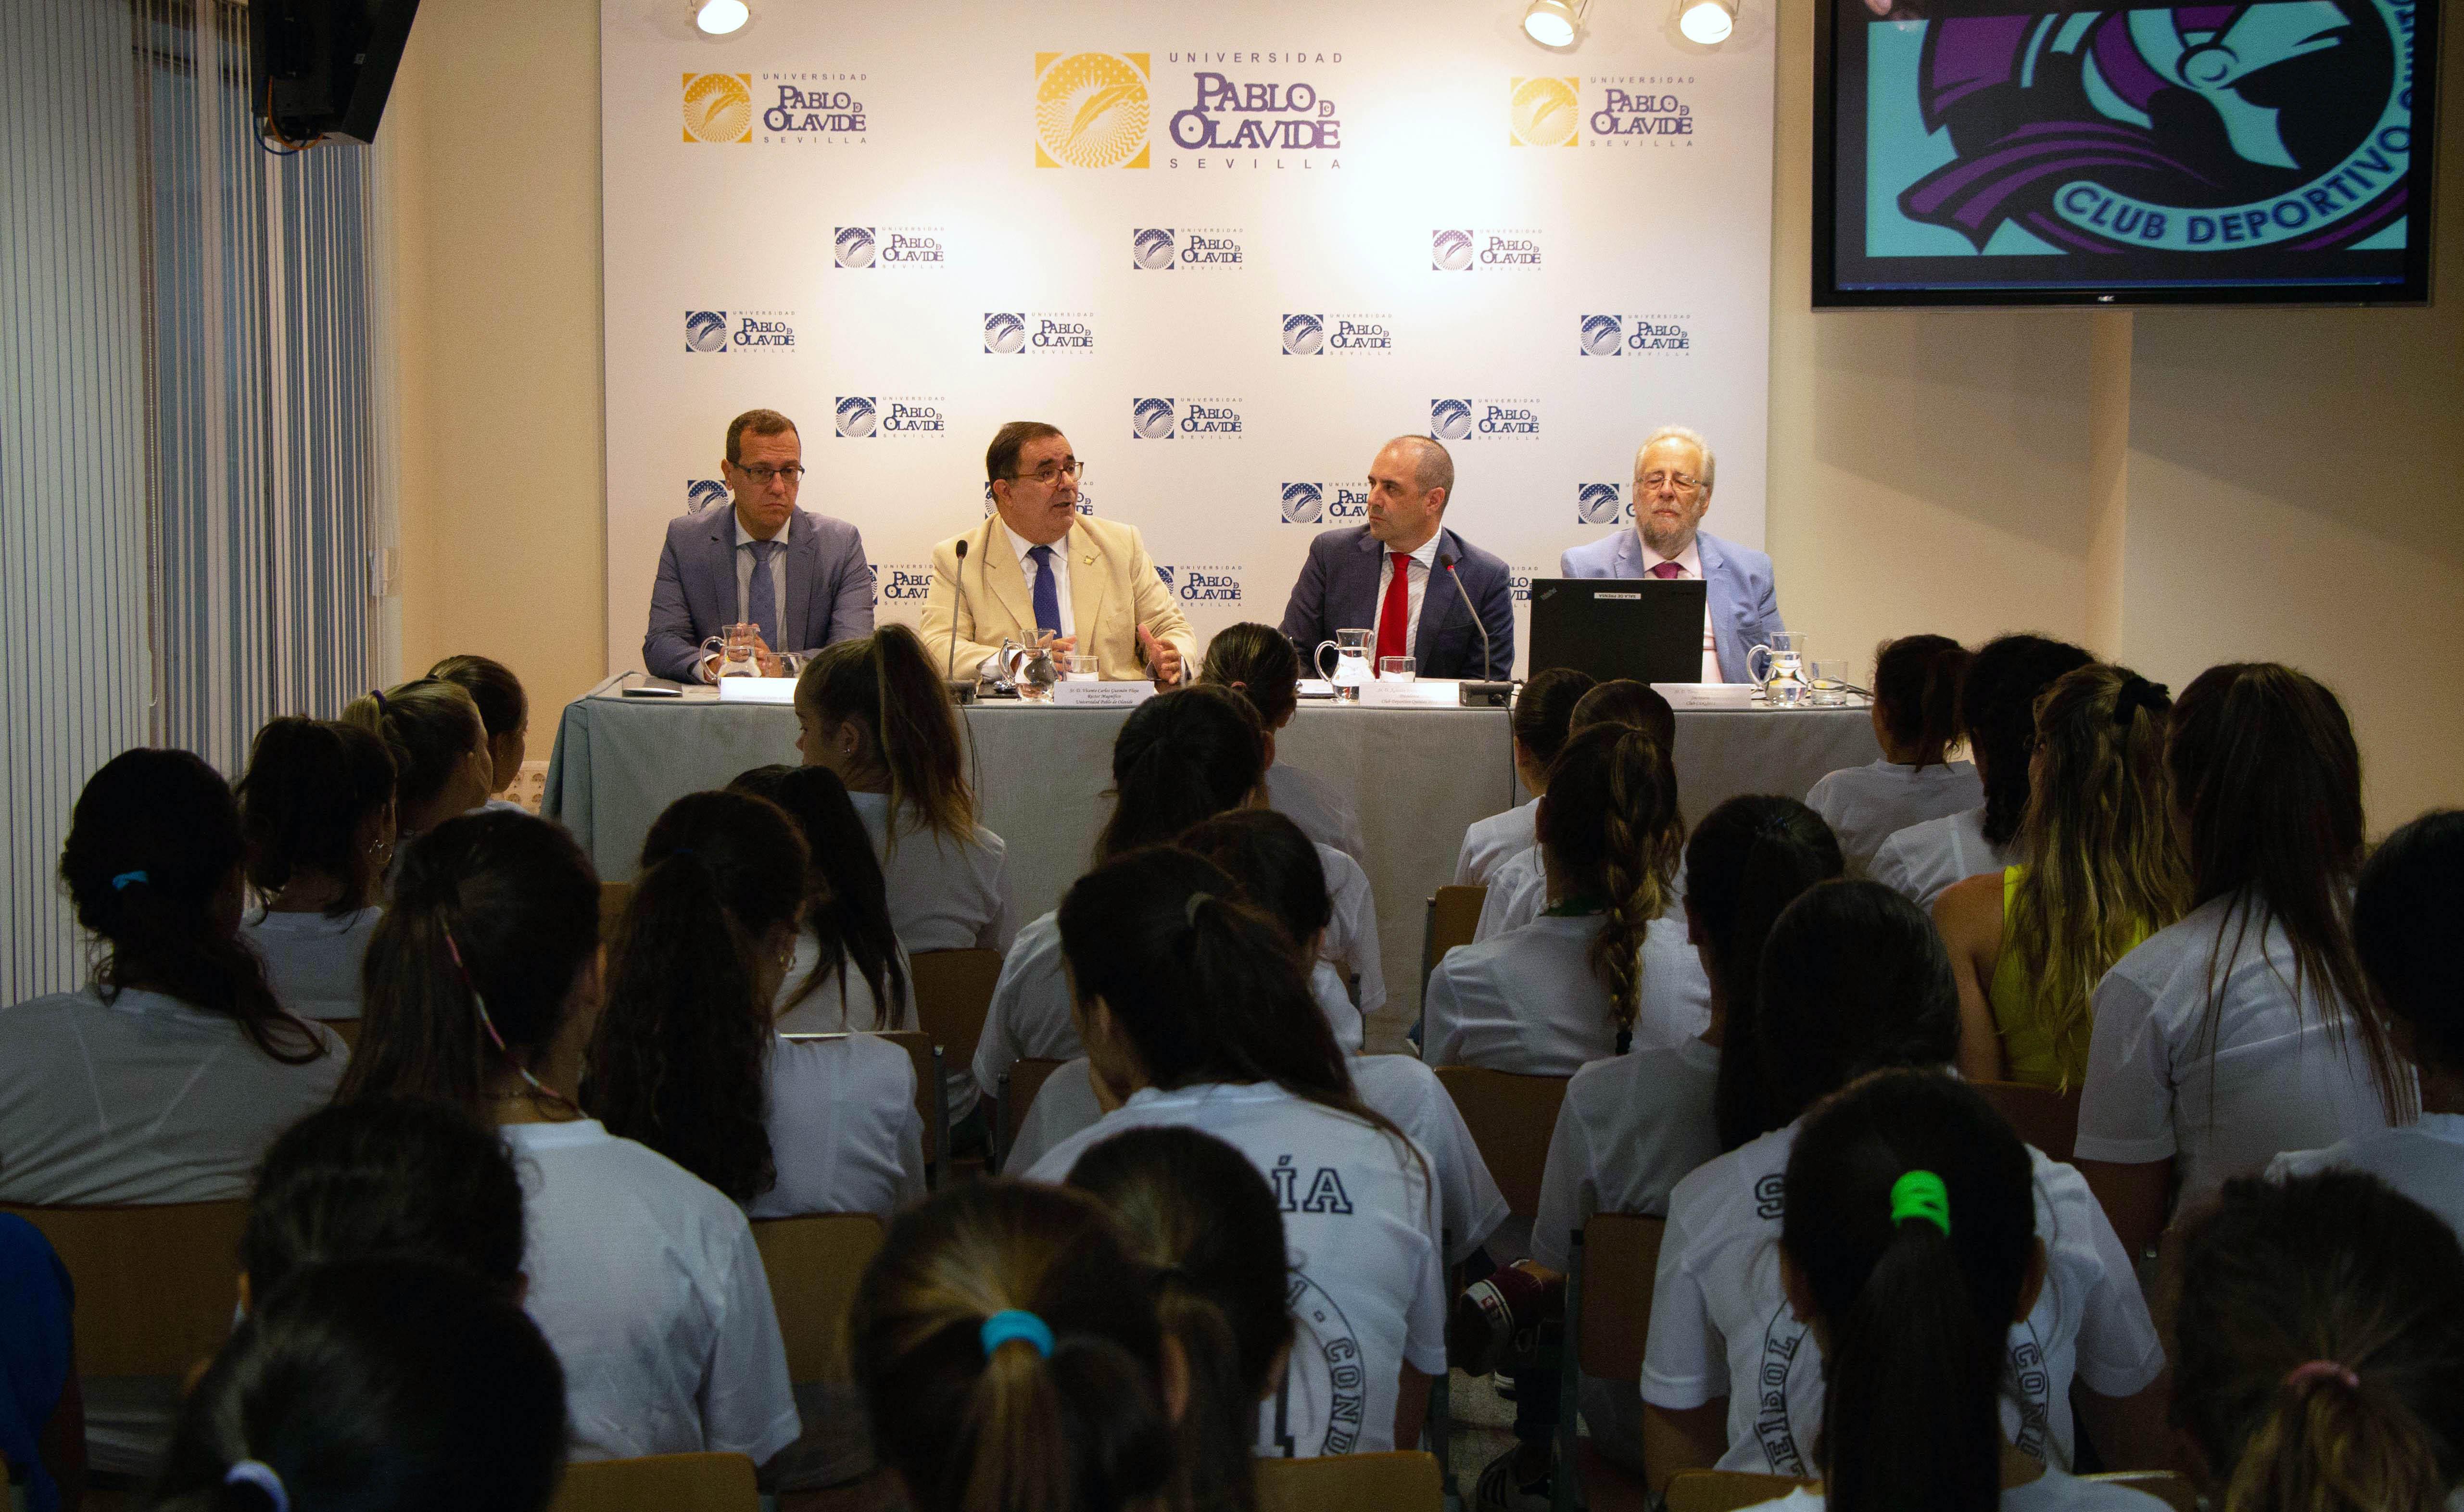 La UPO y el Club Deportivo Quintos 2011 firman un convenio para el ... c47f4f2c3c8ce